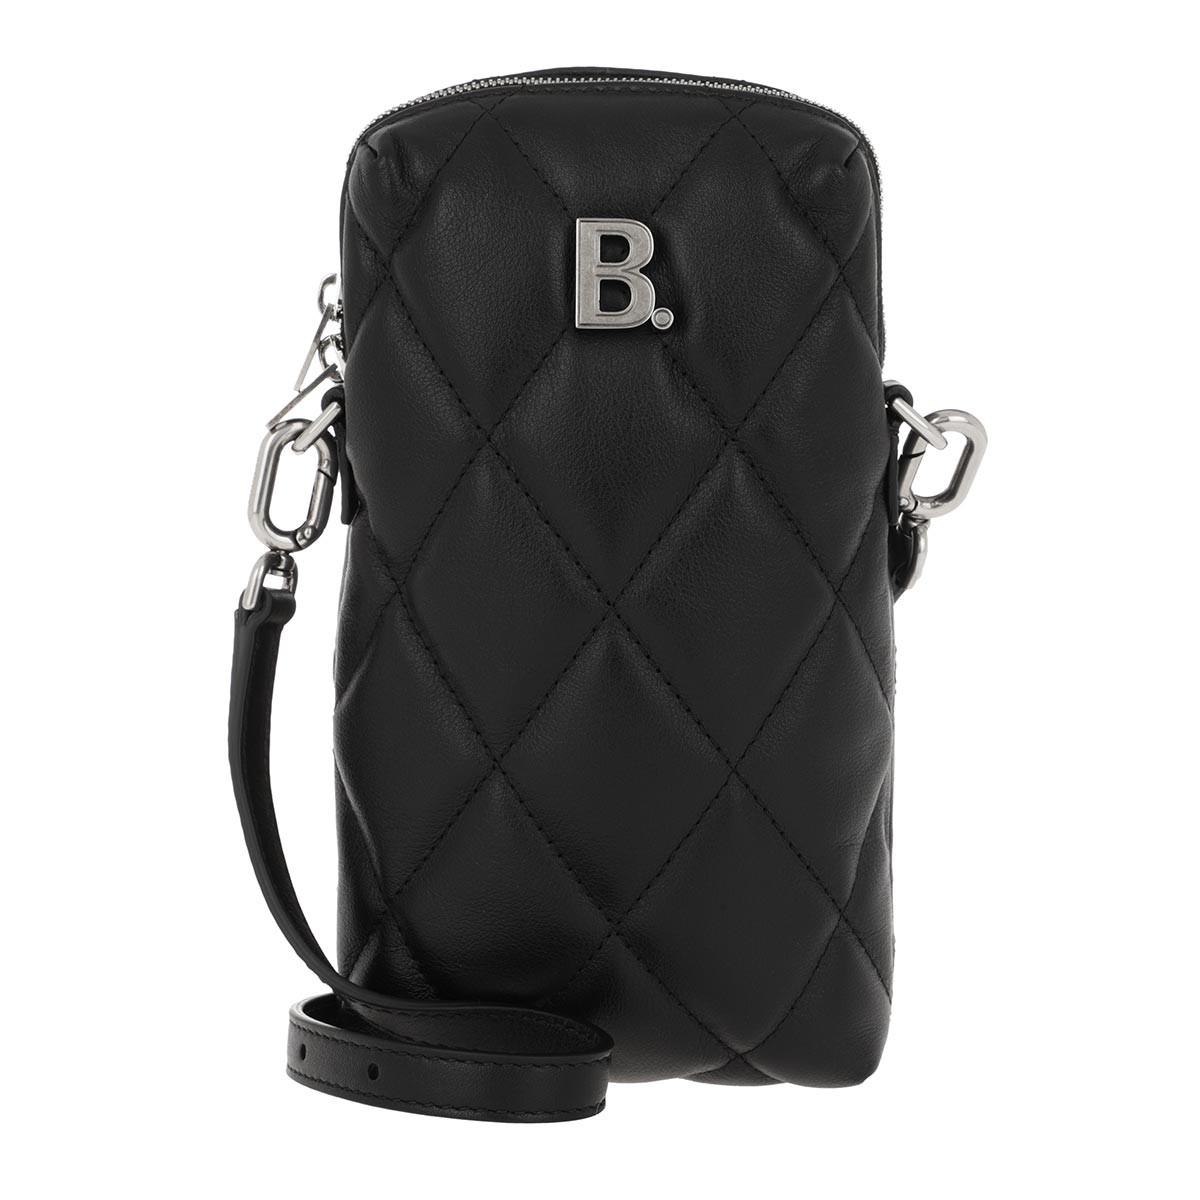 Balenciaga Umhängetasche - B Phone Case Black - in schwarz - für Damen